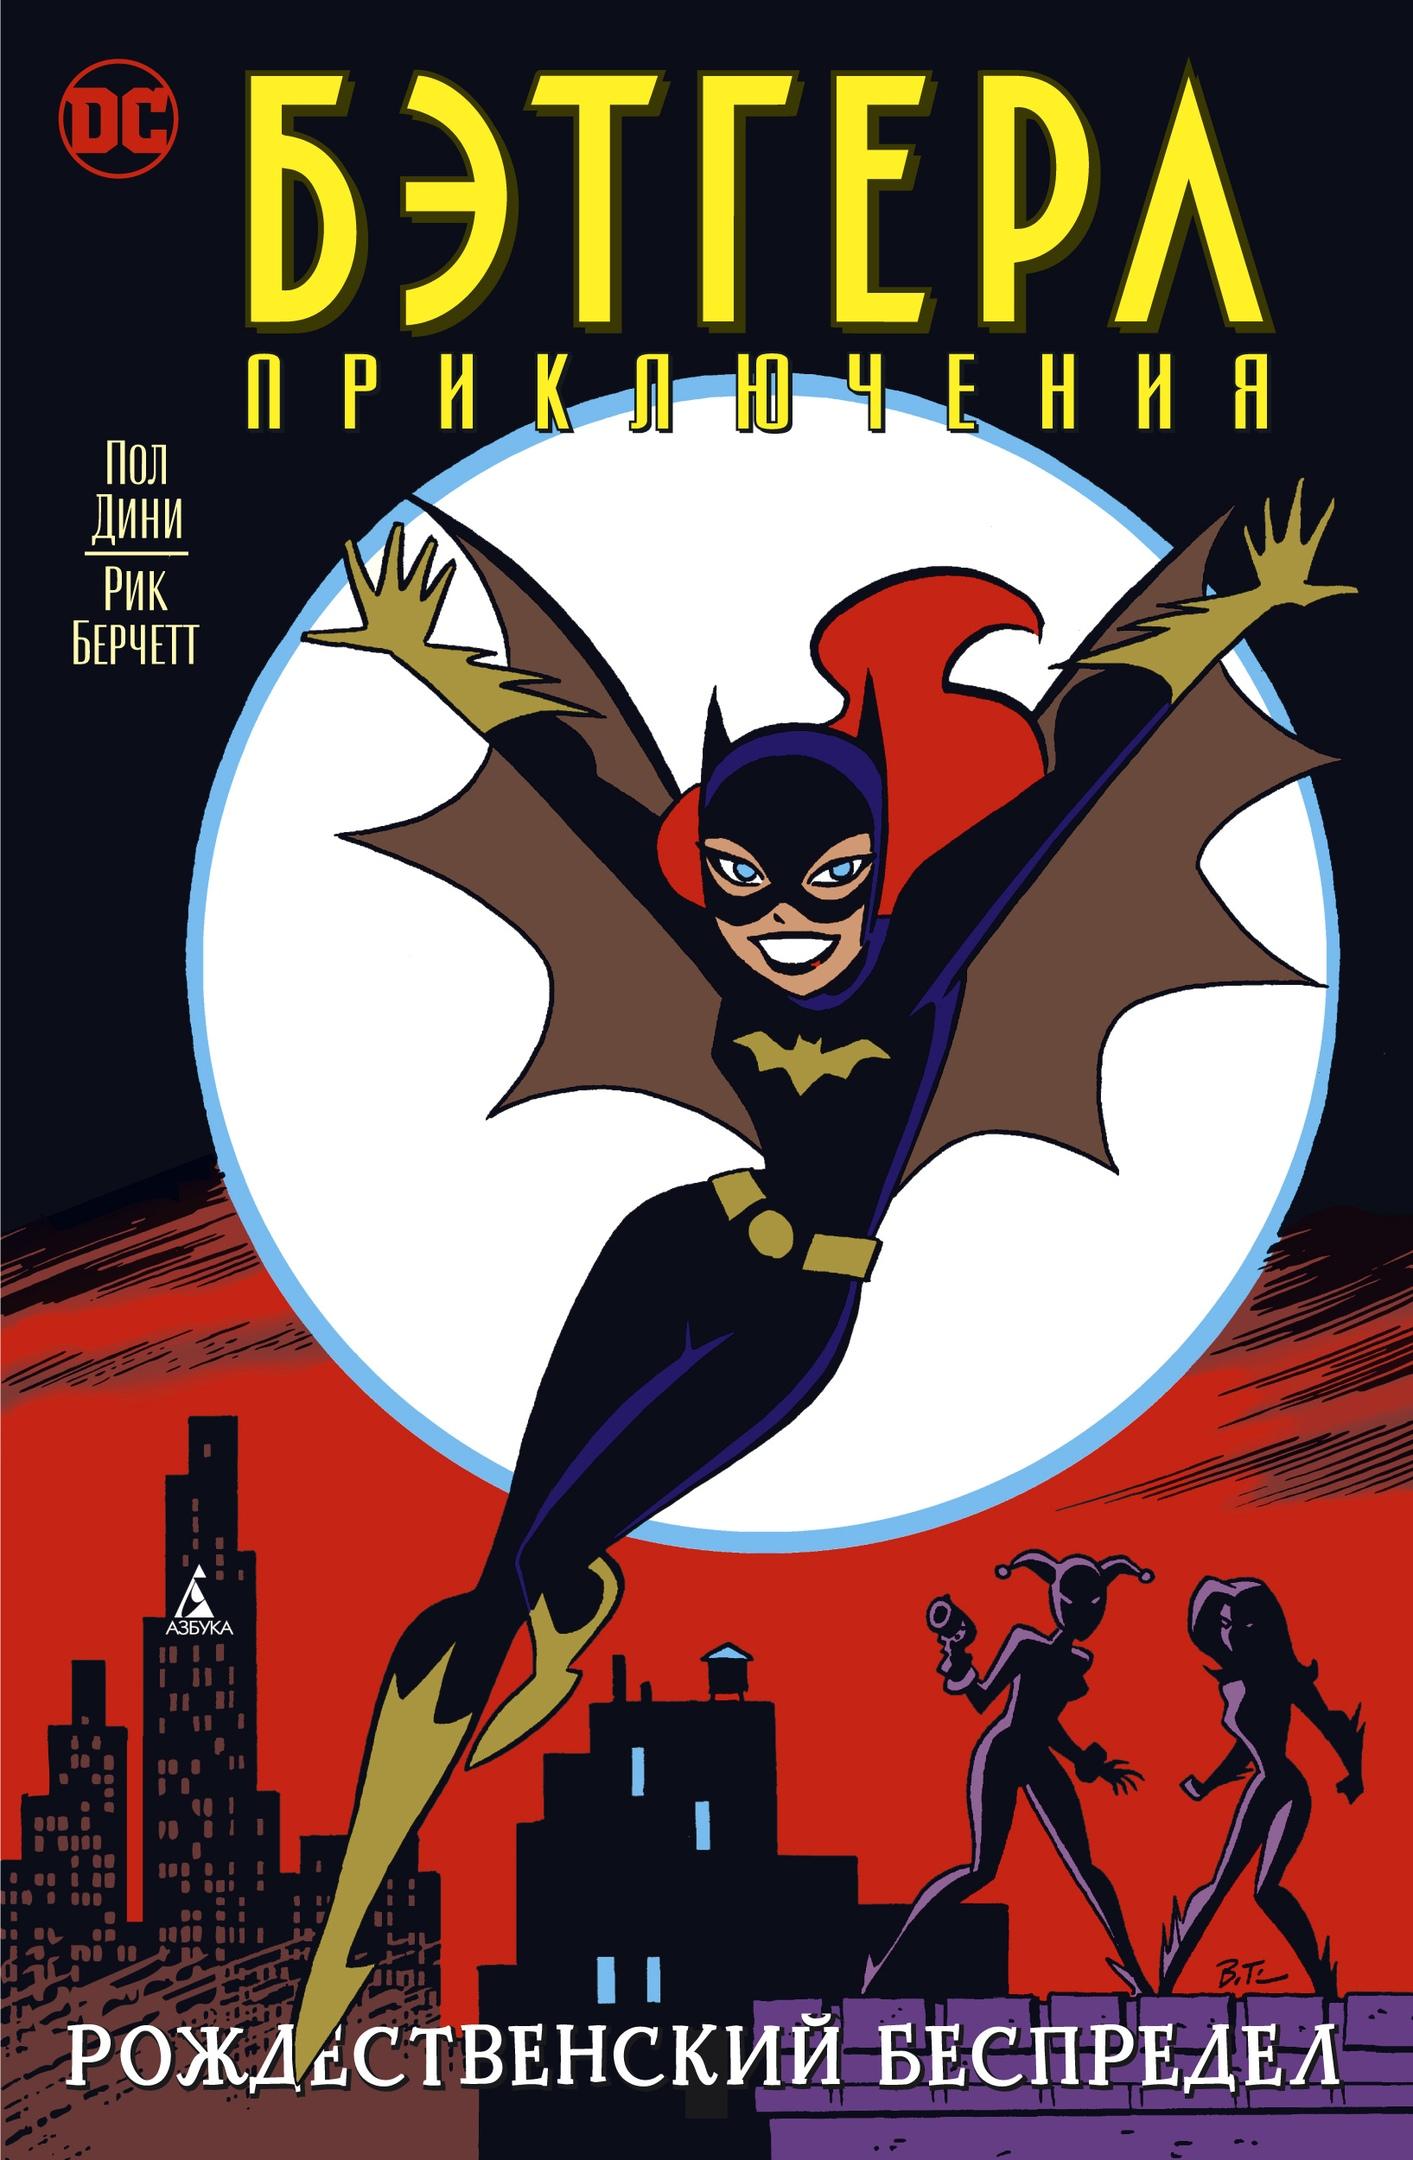 Комикс «Бэтгёрл. Приключения. Рождественский беспредел» (1997)